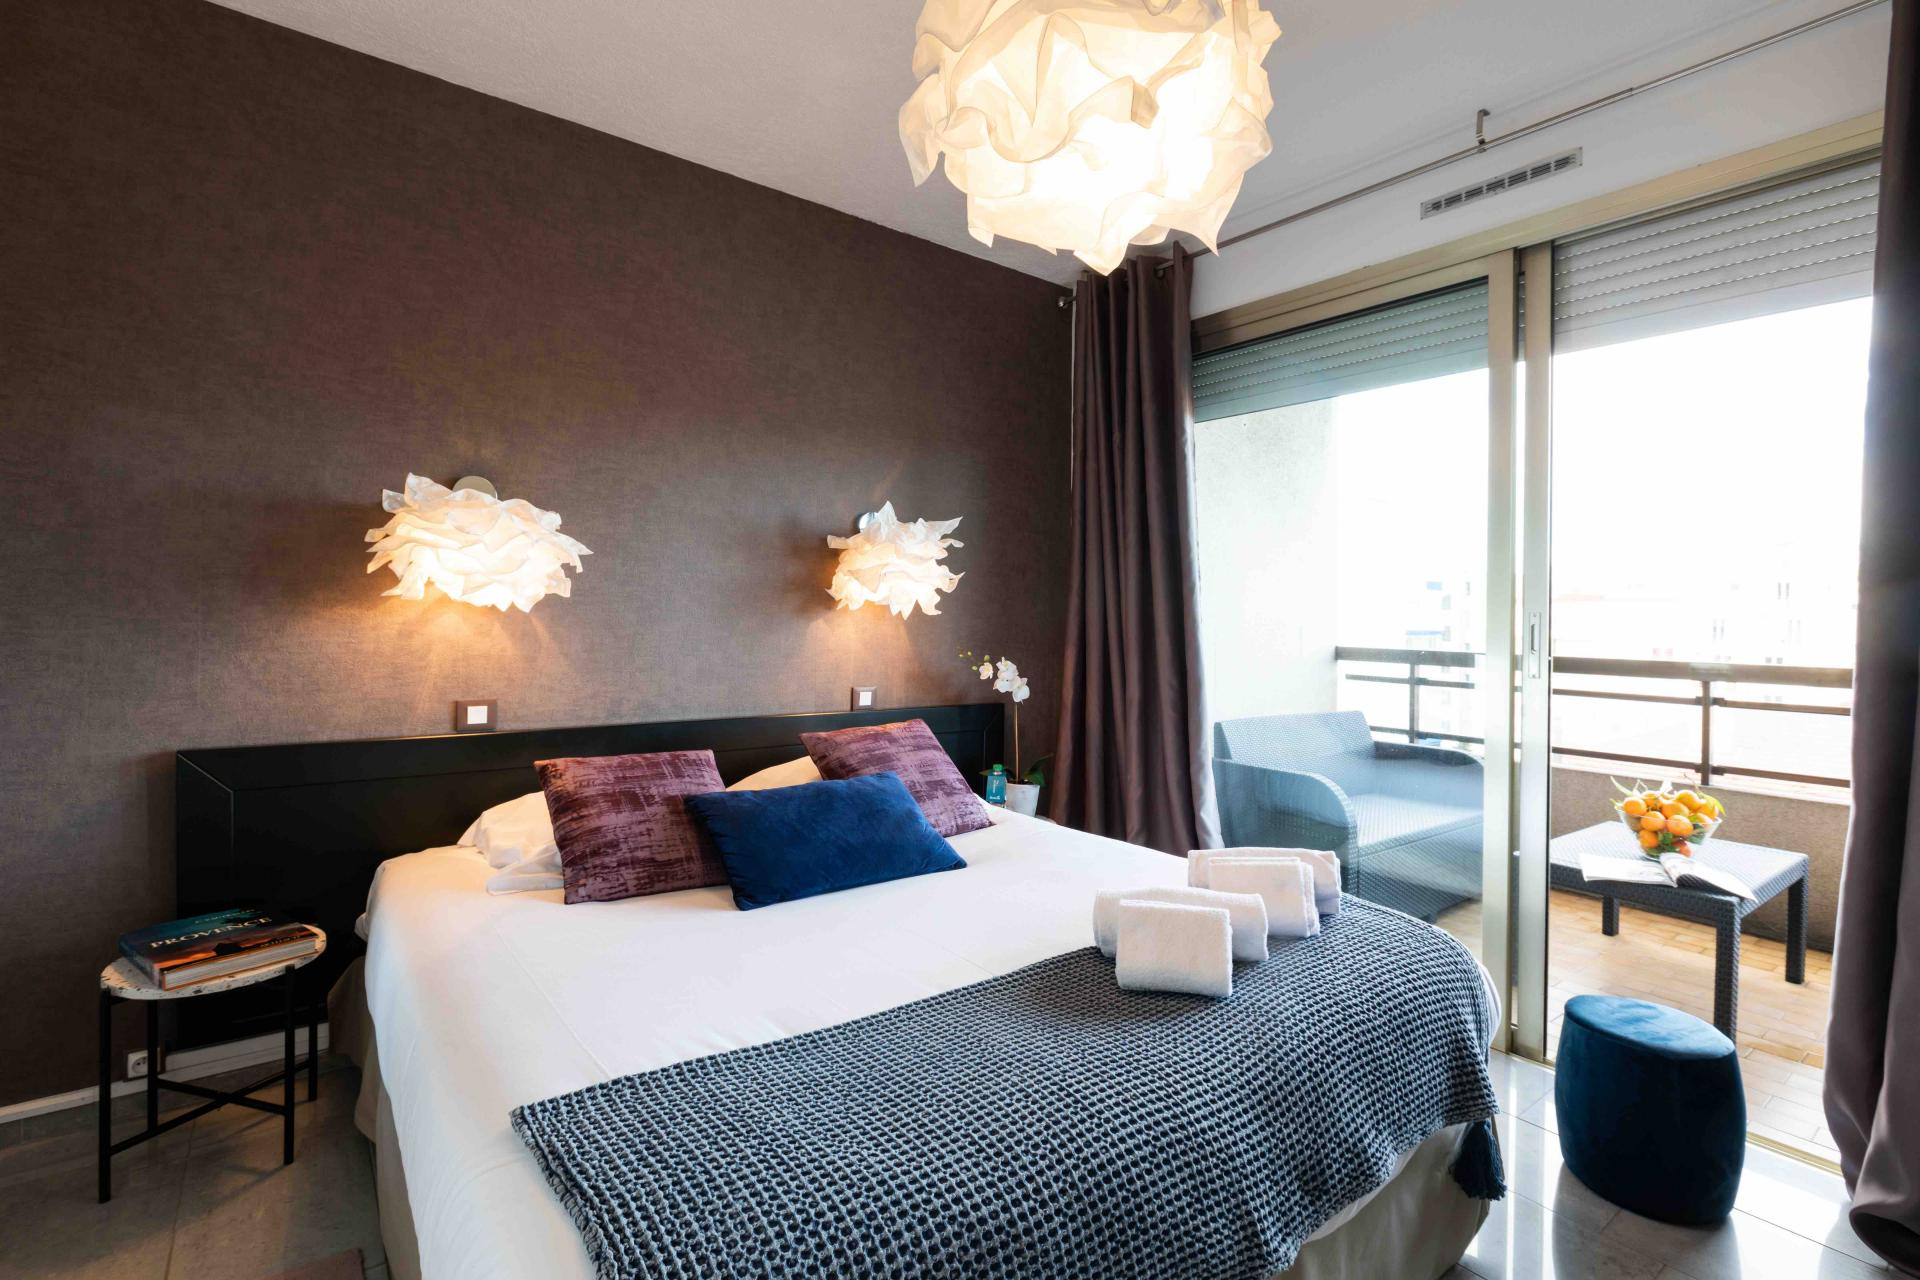 Bedroom at Avenue Alexandre Apartments, Juan-les-Pins, Antibes